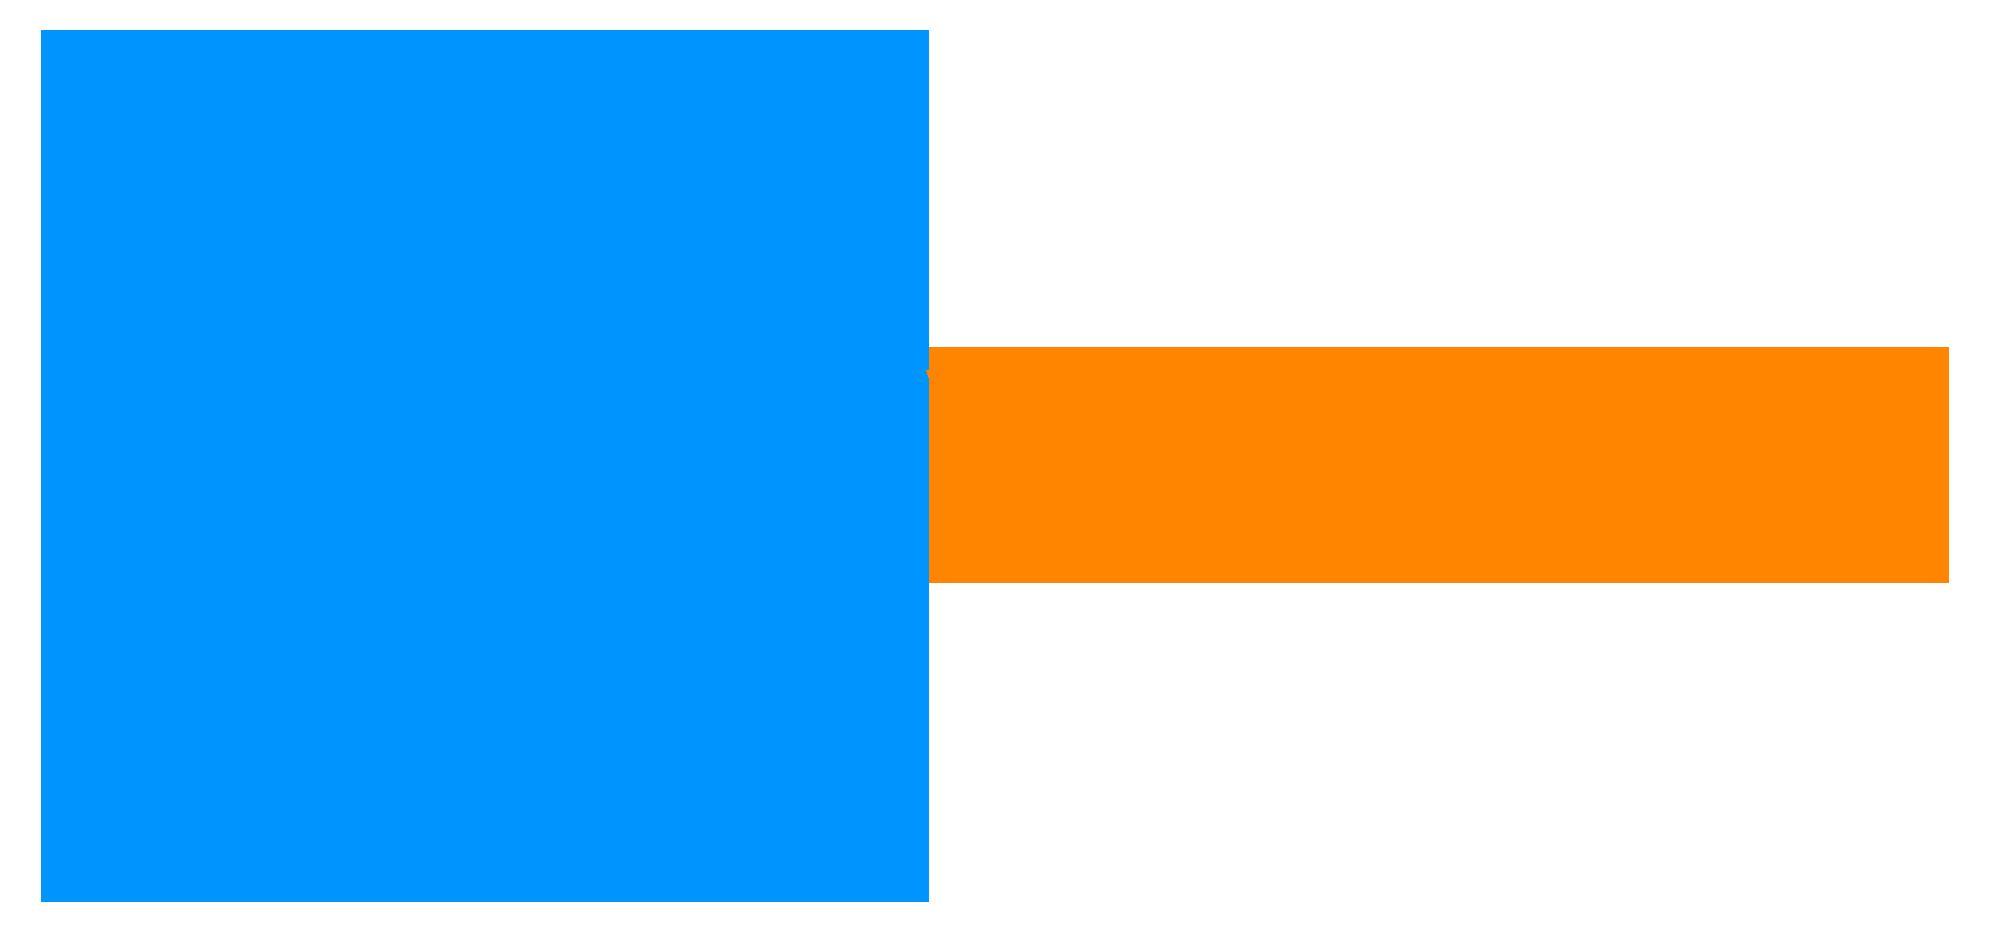 https://www.chasetek.com/wp-content/uploads/2018/02/nodeware.png